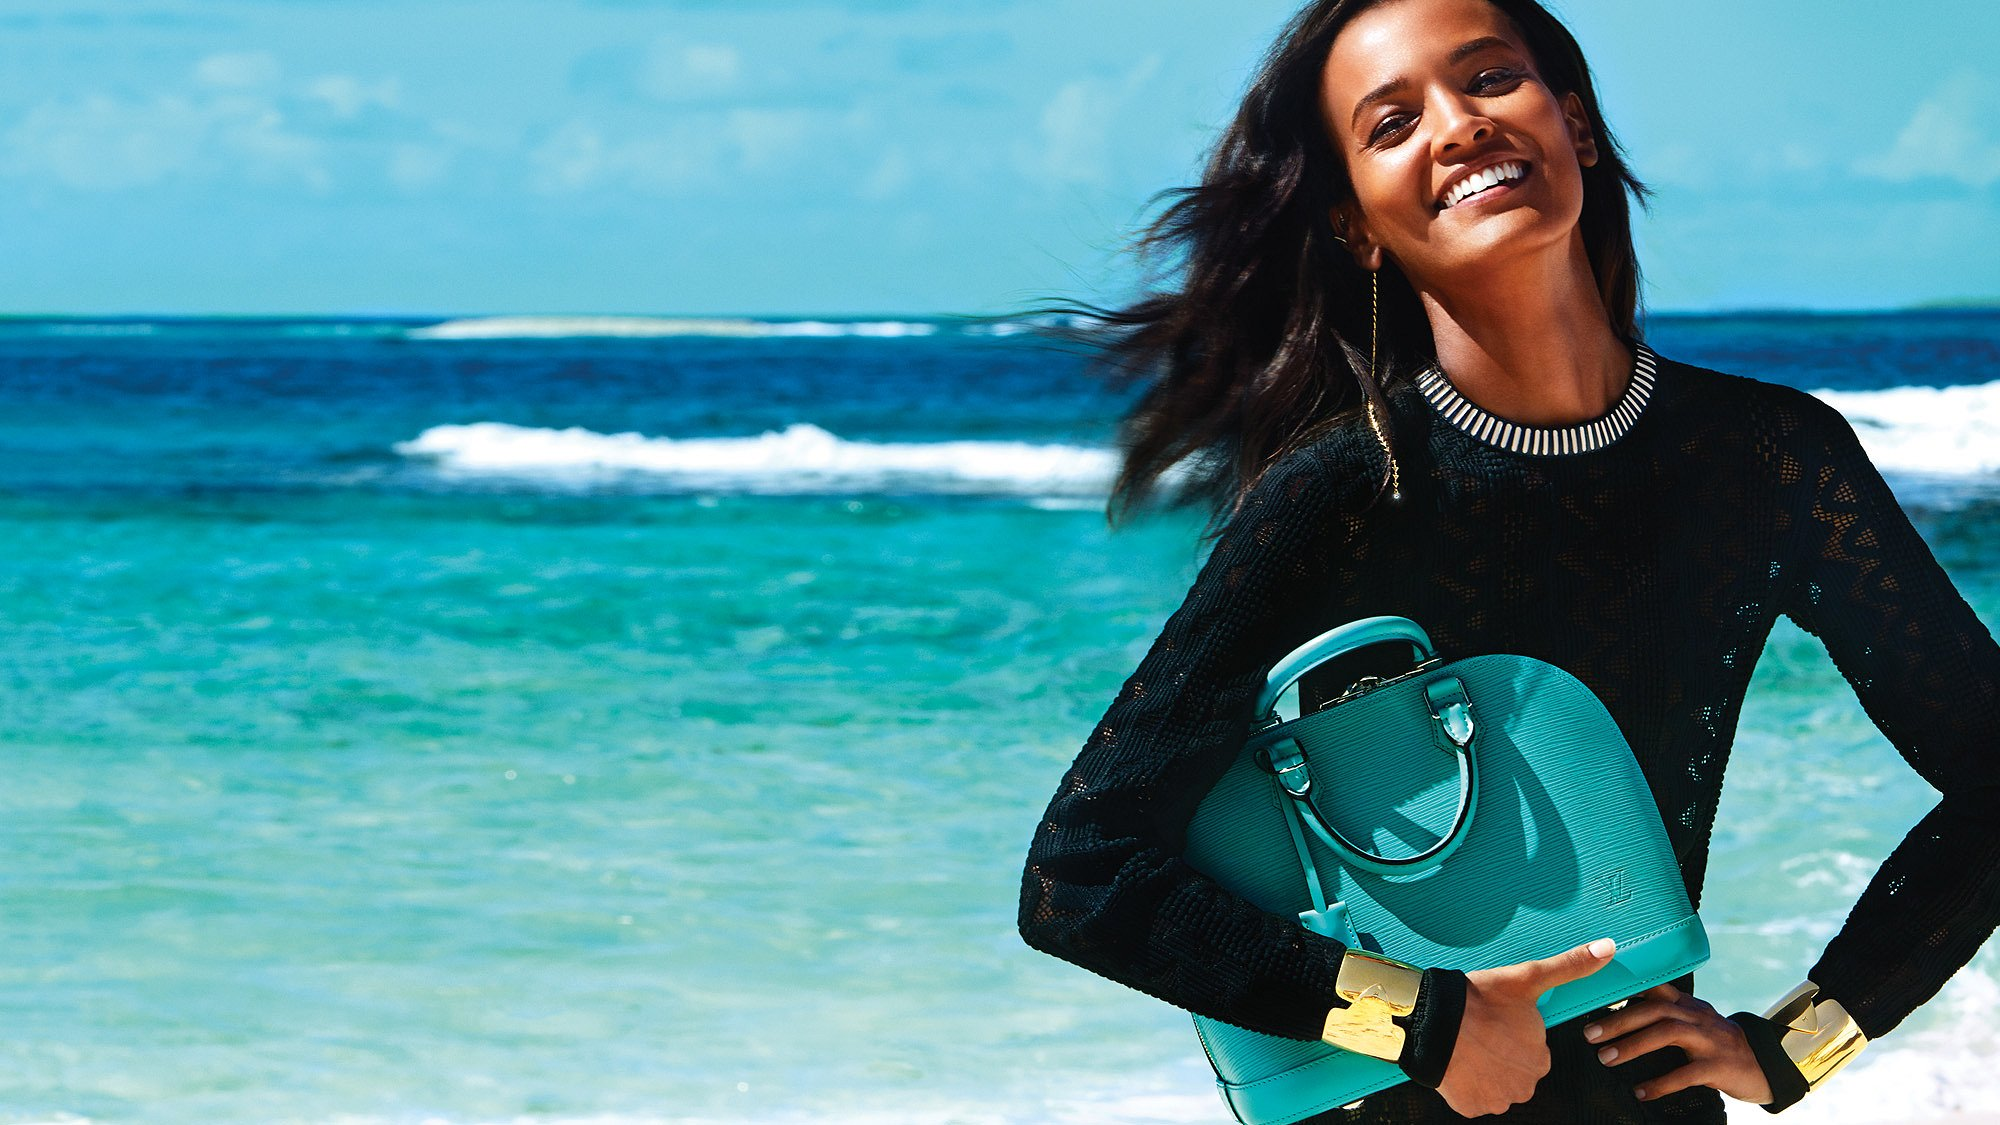 Louis Vuitton traslada su espíritu de viaje al Caribe